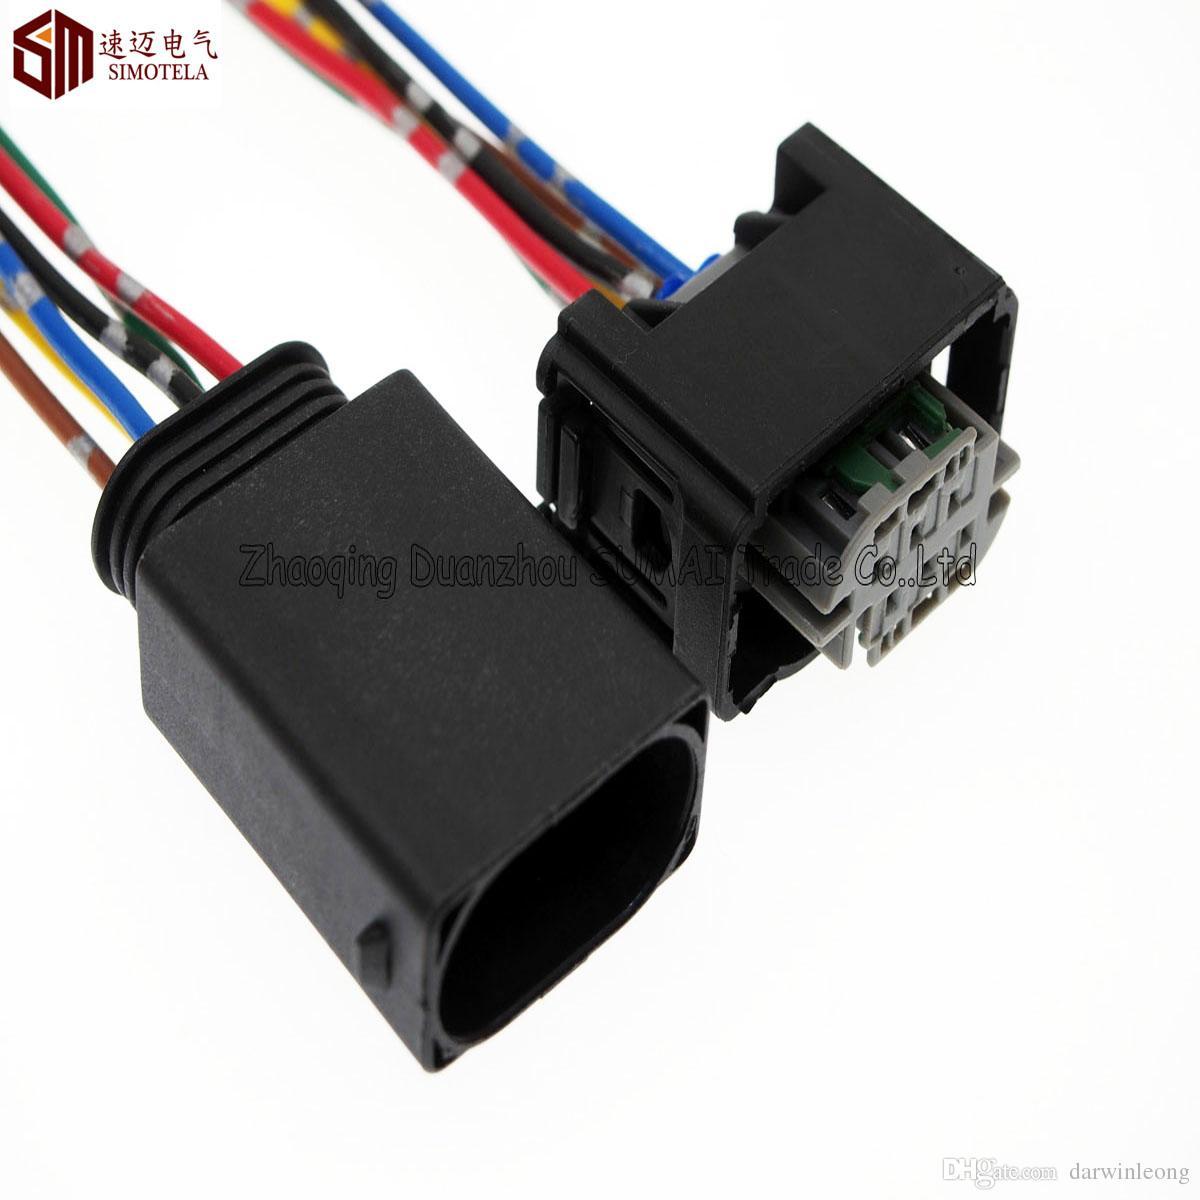 Connettore automatico AMP 6Pin 1.0mm, sensore limitatore / Acceleratore con cavo in rame da 10 cm, connettore elettrico Temp. Auto BMW, Benz, Buick, Hyundai